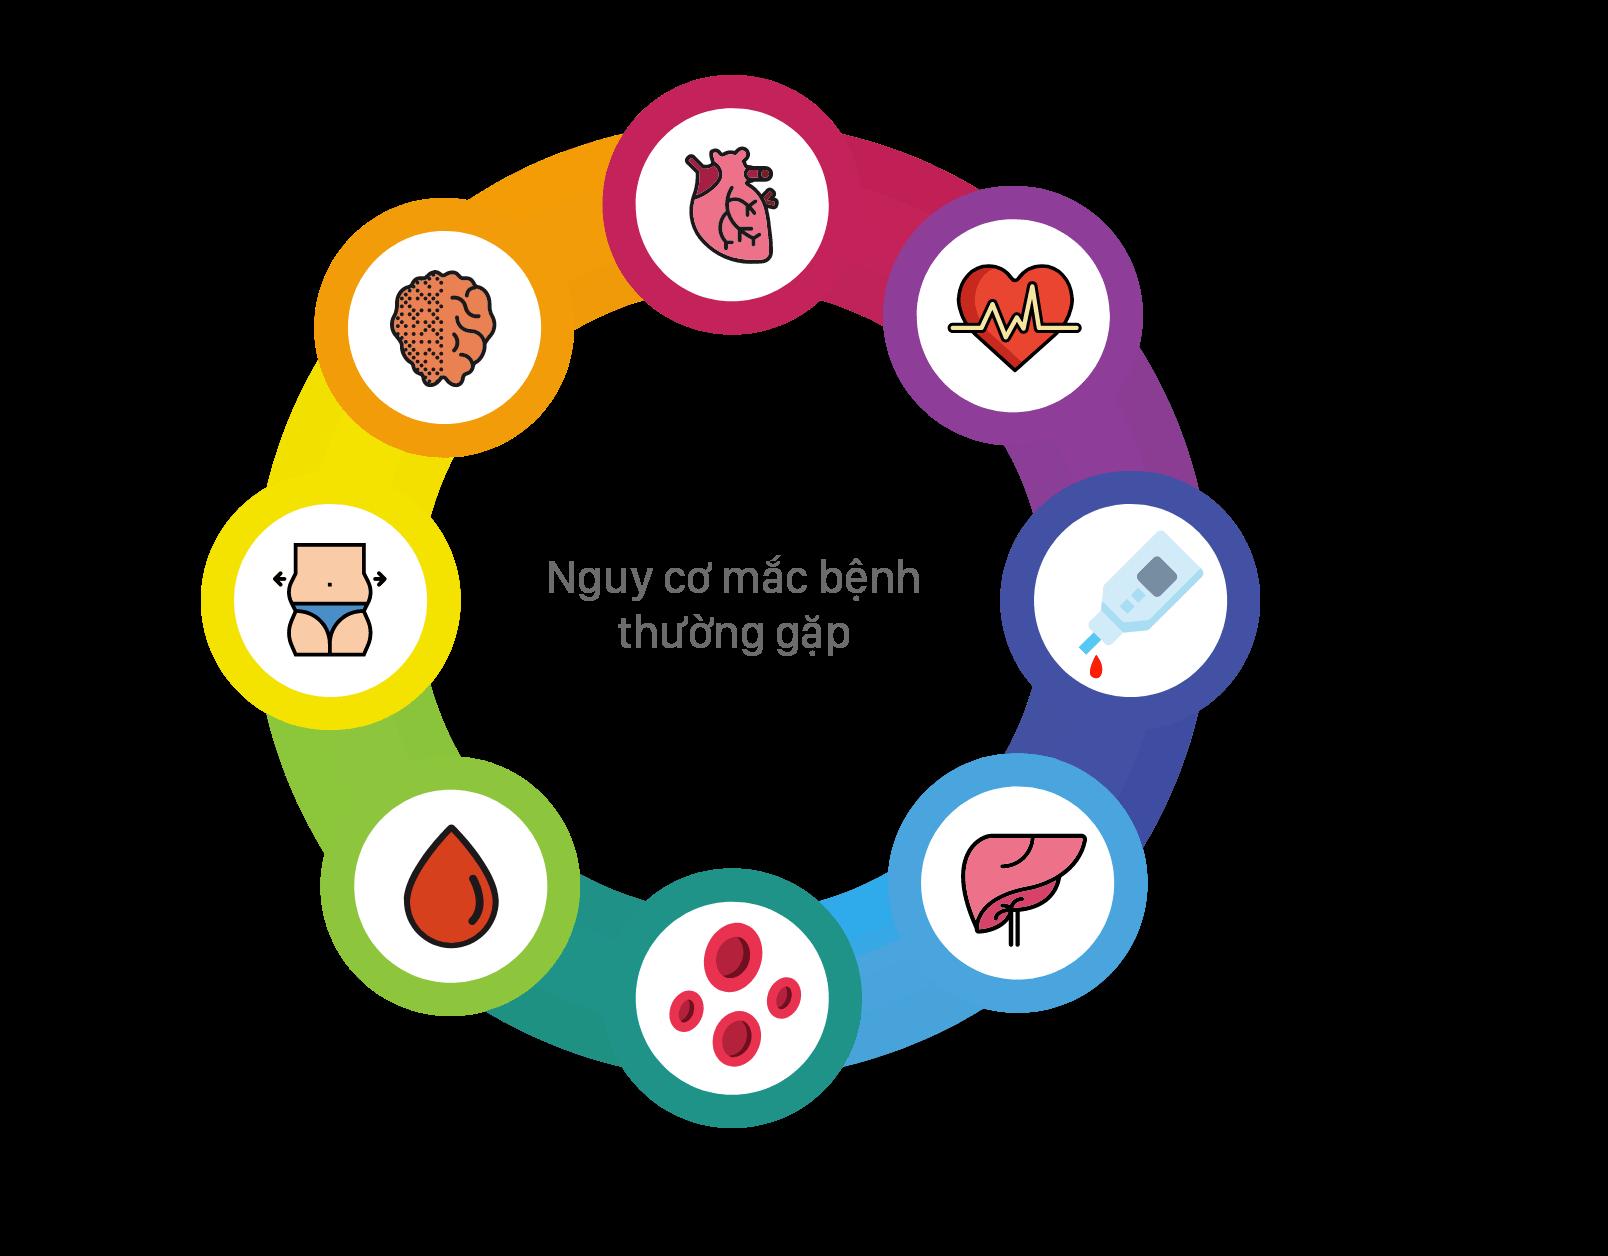 Hiểu Nguy Cơ Rủi Ro Của Bạn Đối Với 8 Bệnh Lý Thường Gặp